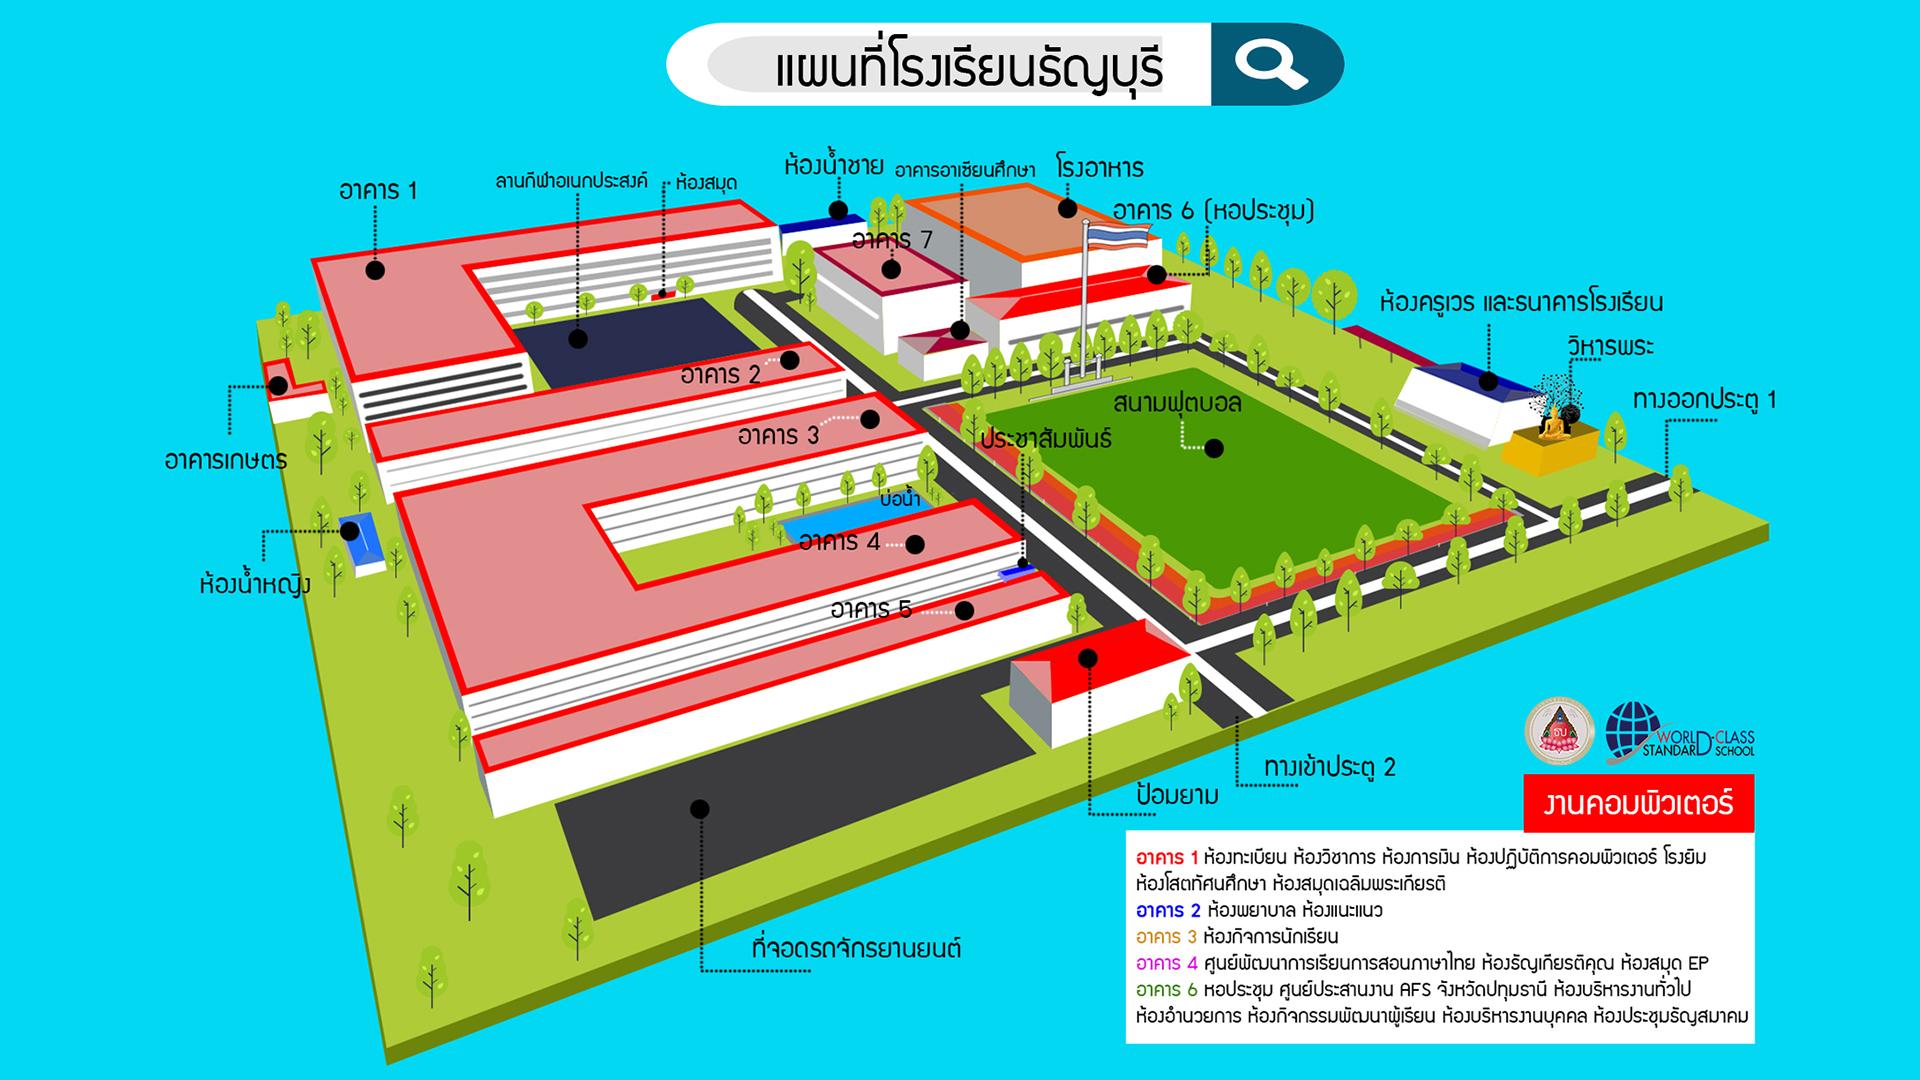 แผนที่โรงเรียนธัญบุรี